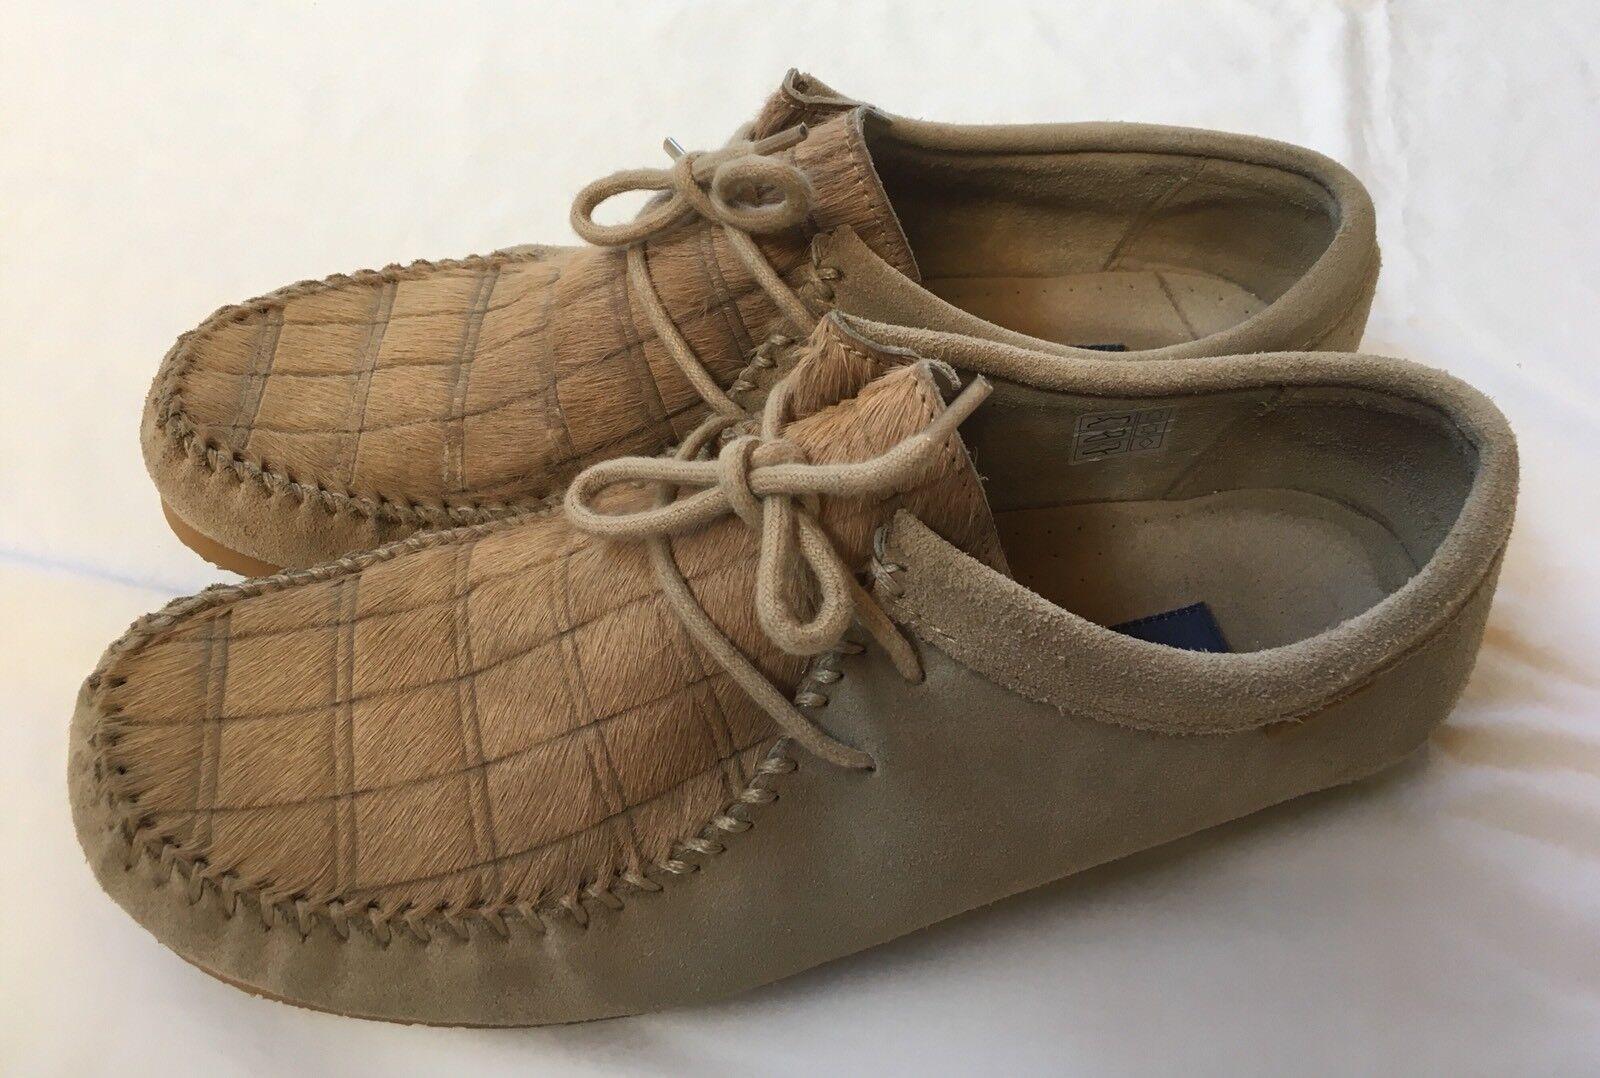 Größe 11 Vintage Hide Ben Sherman Branded Untanned Hide Vintage & Suede Moc Toe Fashion Schuhes 8700a0